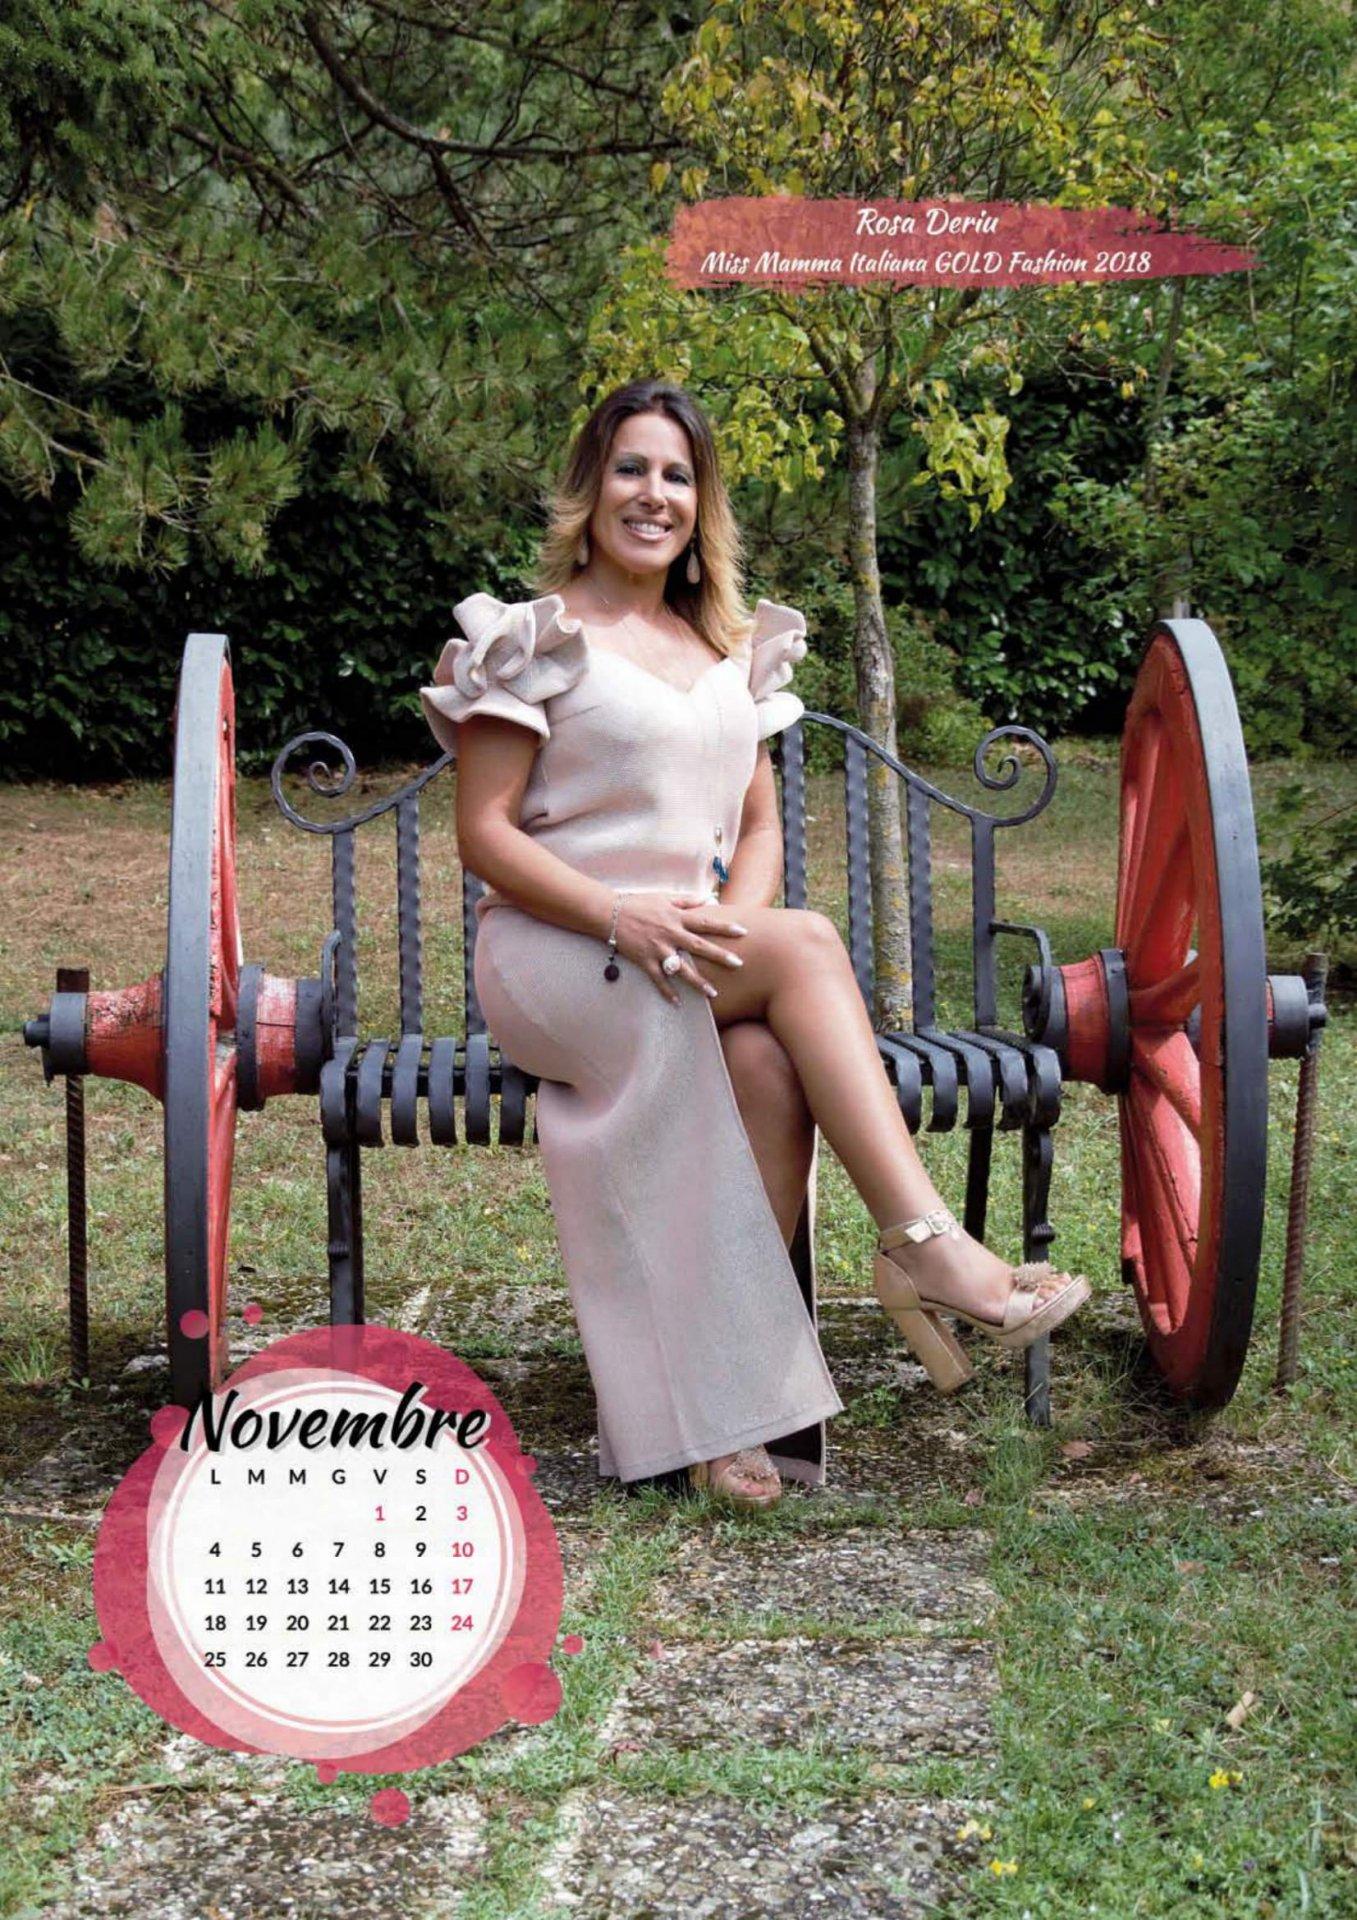 Calendario Mamme.Dopo Miss Nonna E La Volta Del Calendario 2019 Di Miss